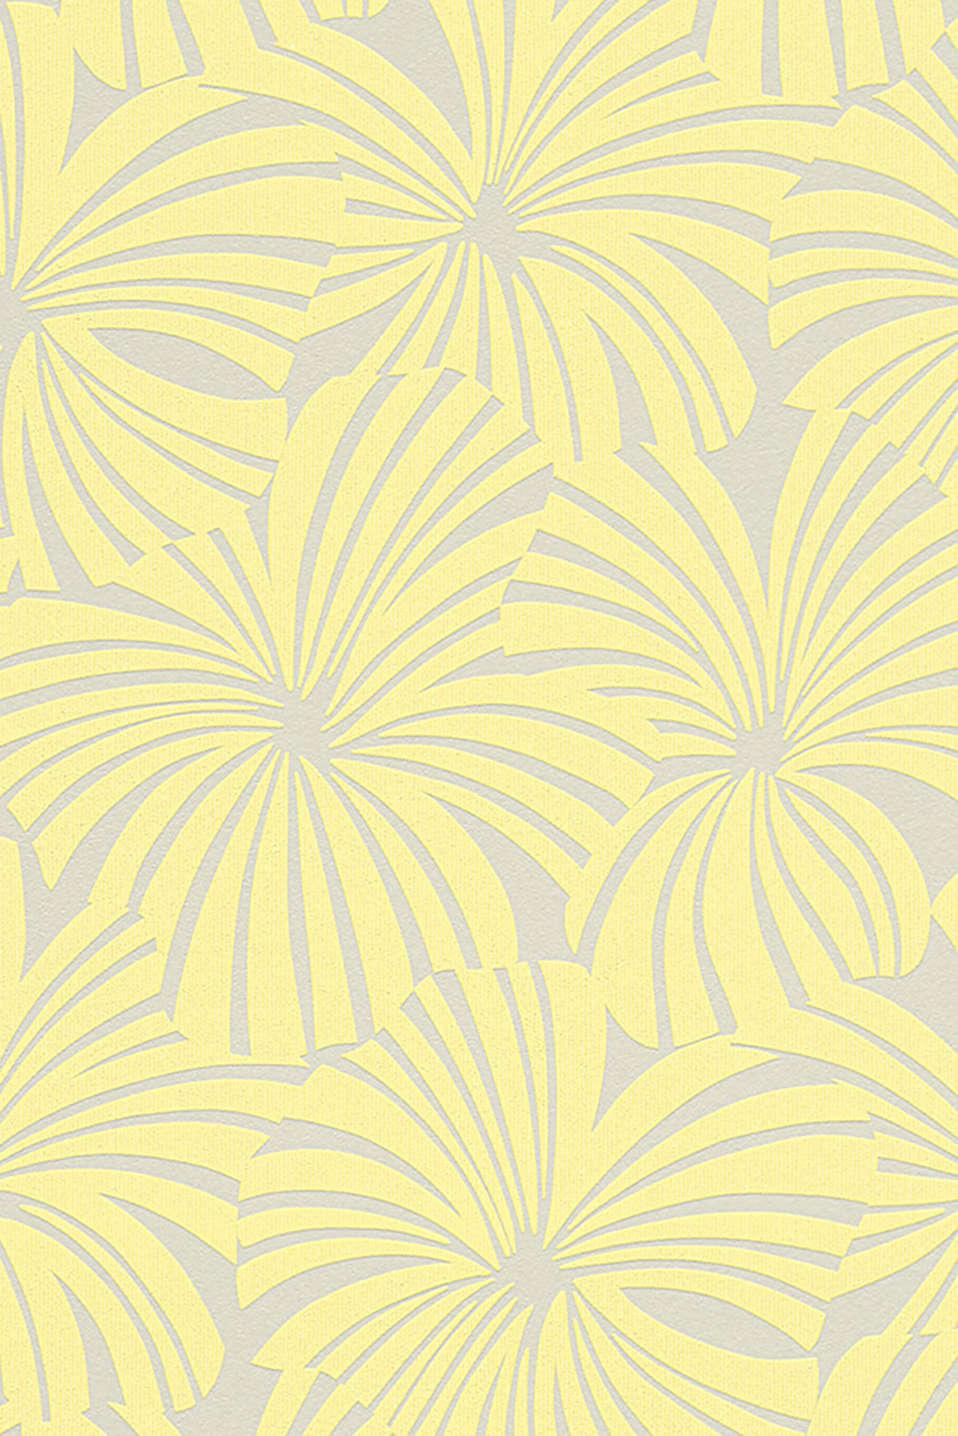 esprit vlies tapete mit palmen design im online shop kaufen. Black Bedroom Furniture Sets. Home Design Ideas